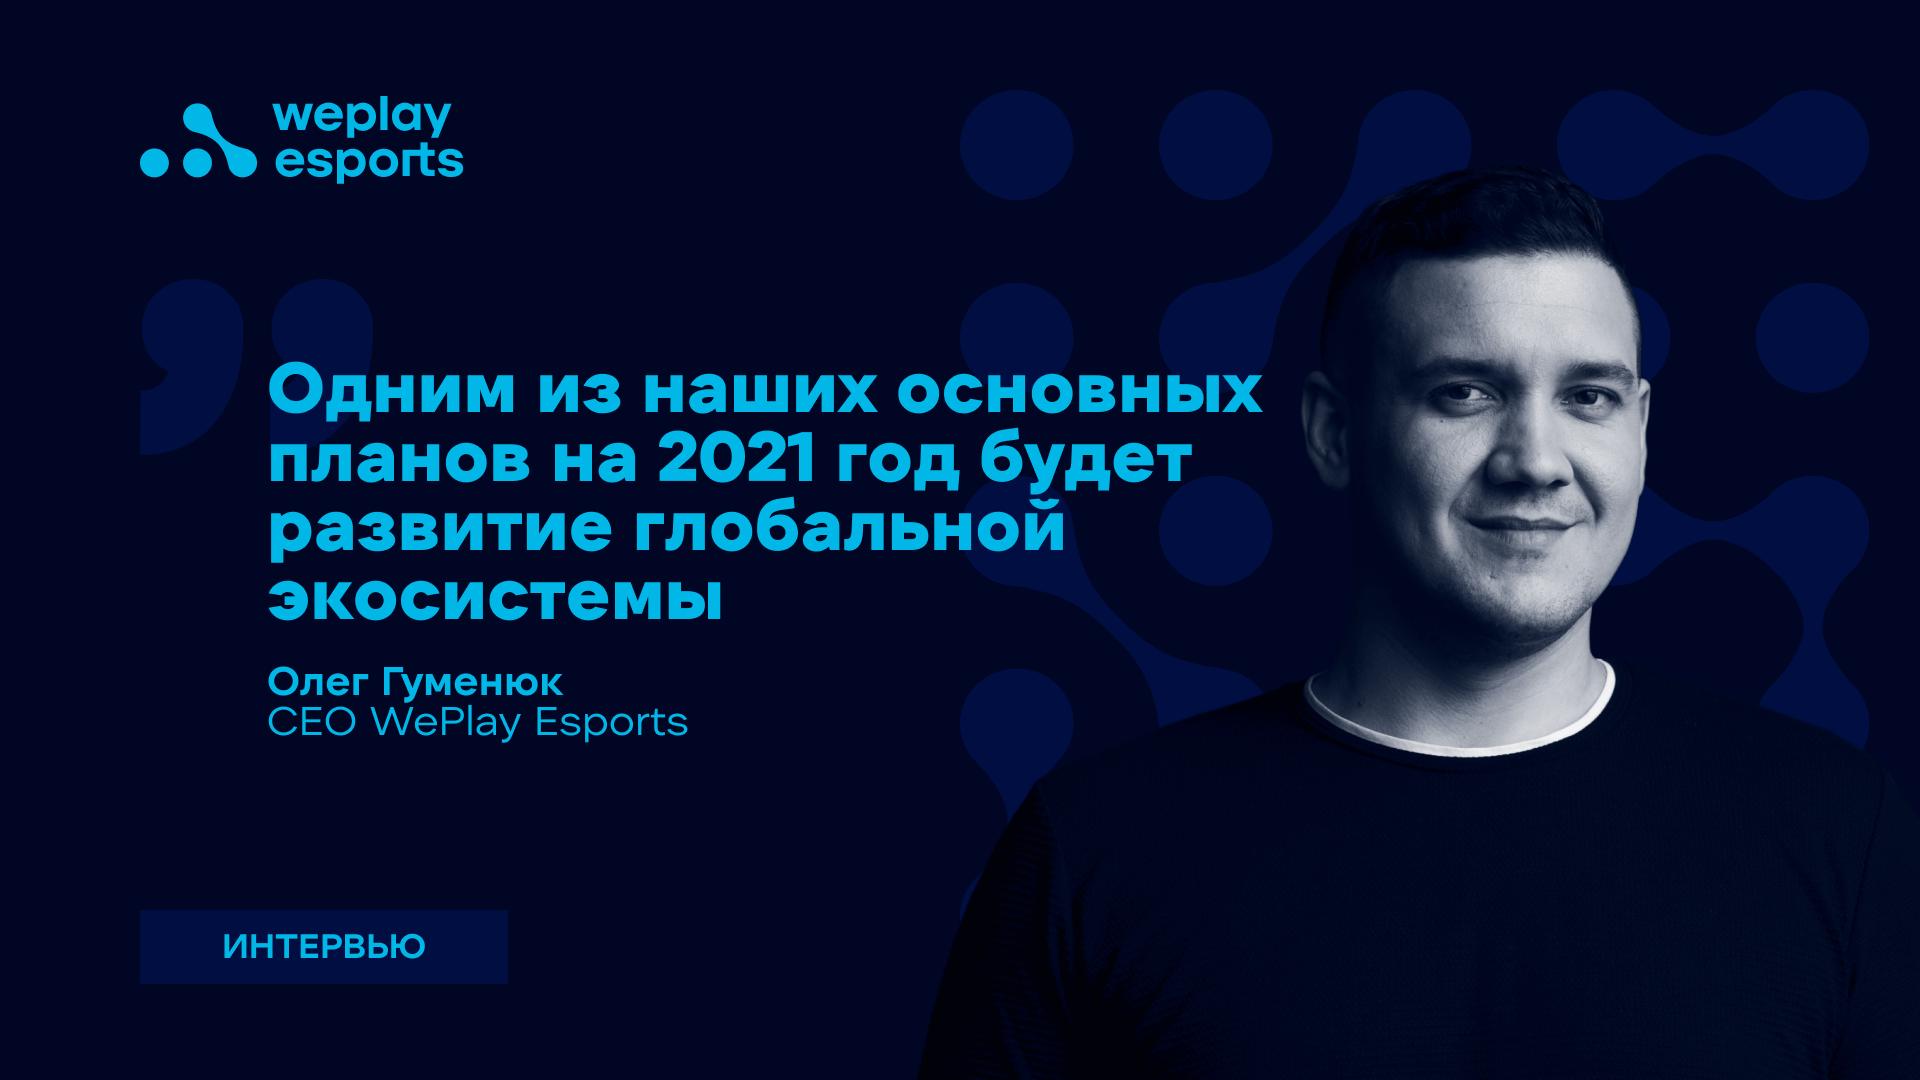 Олег Гуменюк об эмоциональном интеллекте, новых обязанностях и планах компании на 2021 год